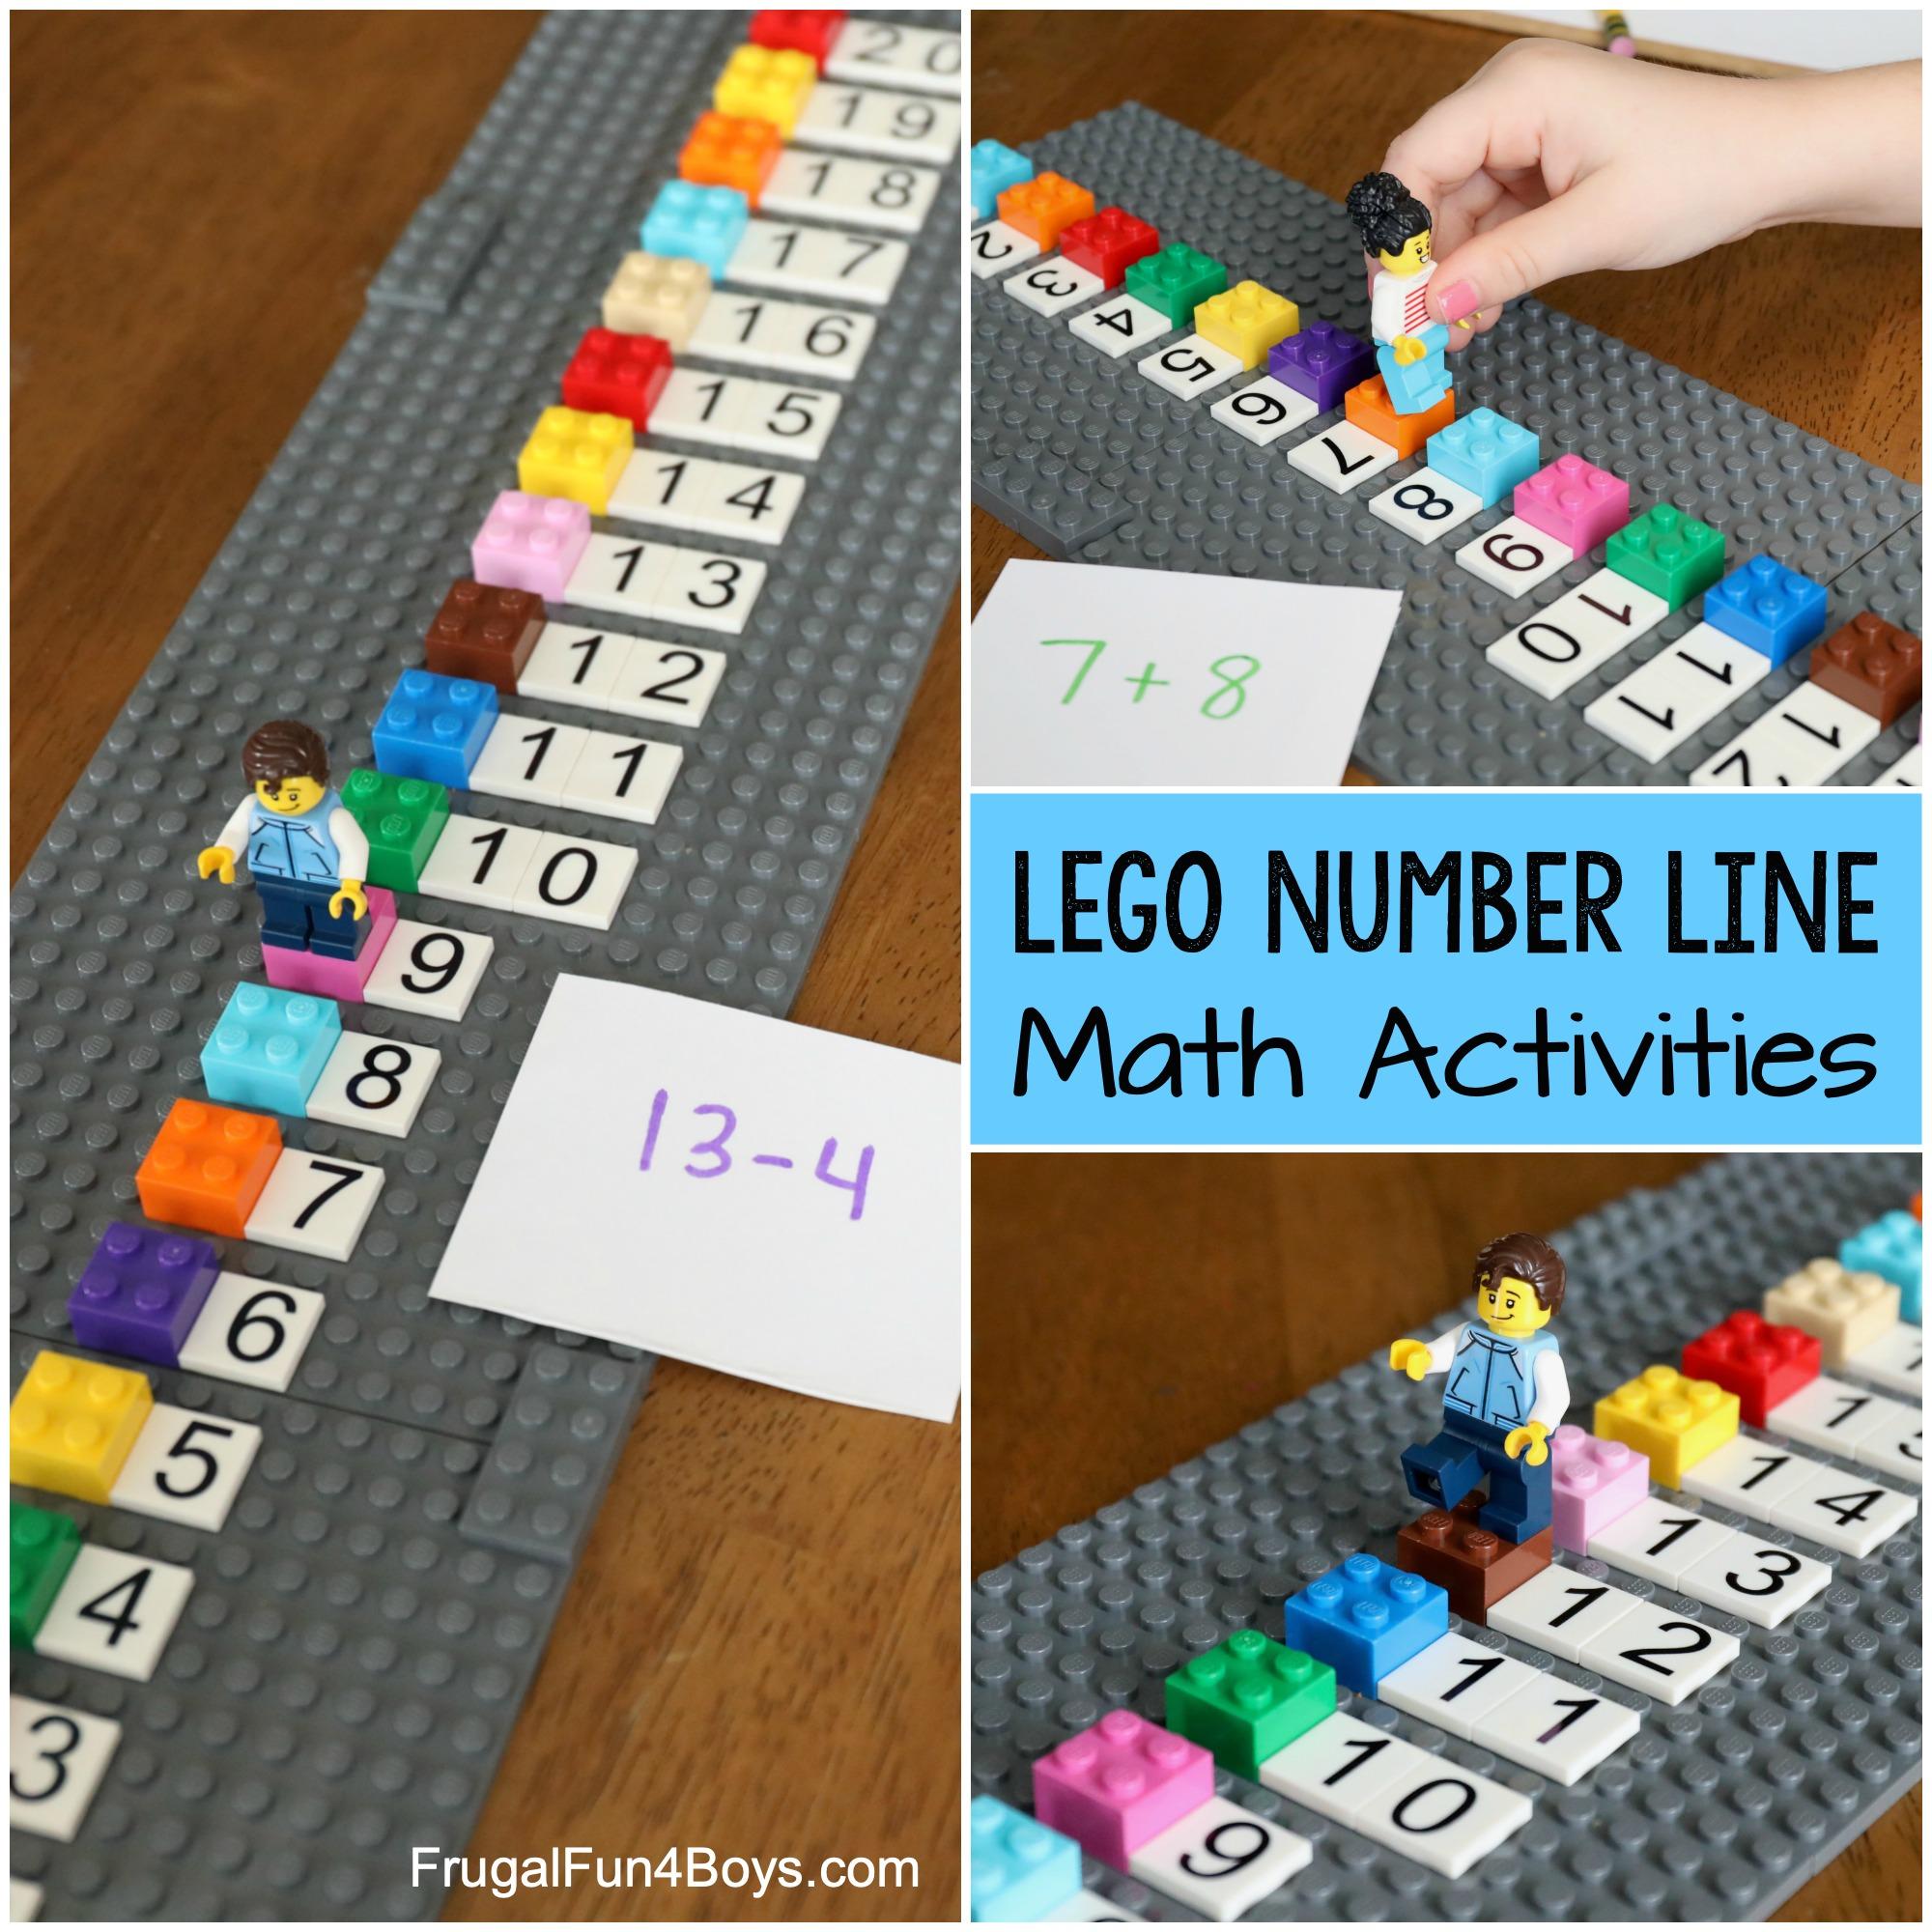 LEGO number line